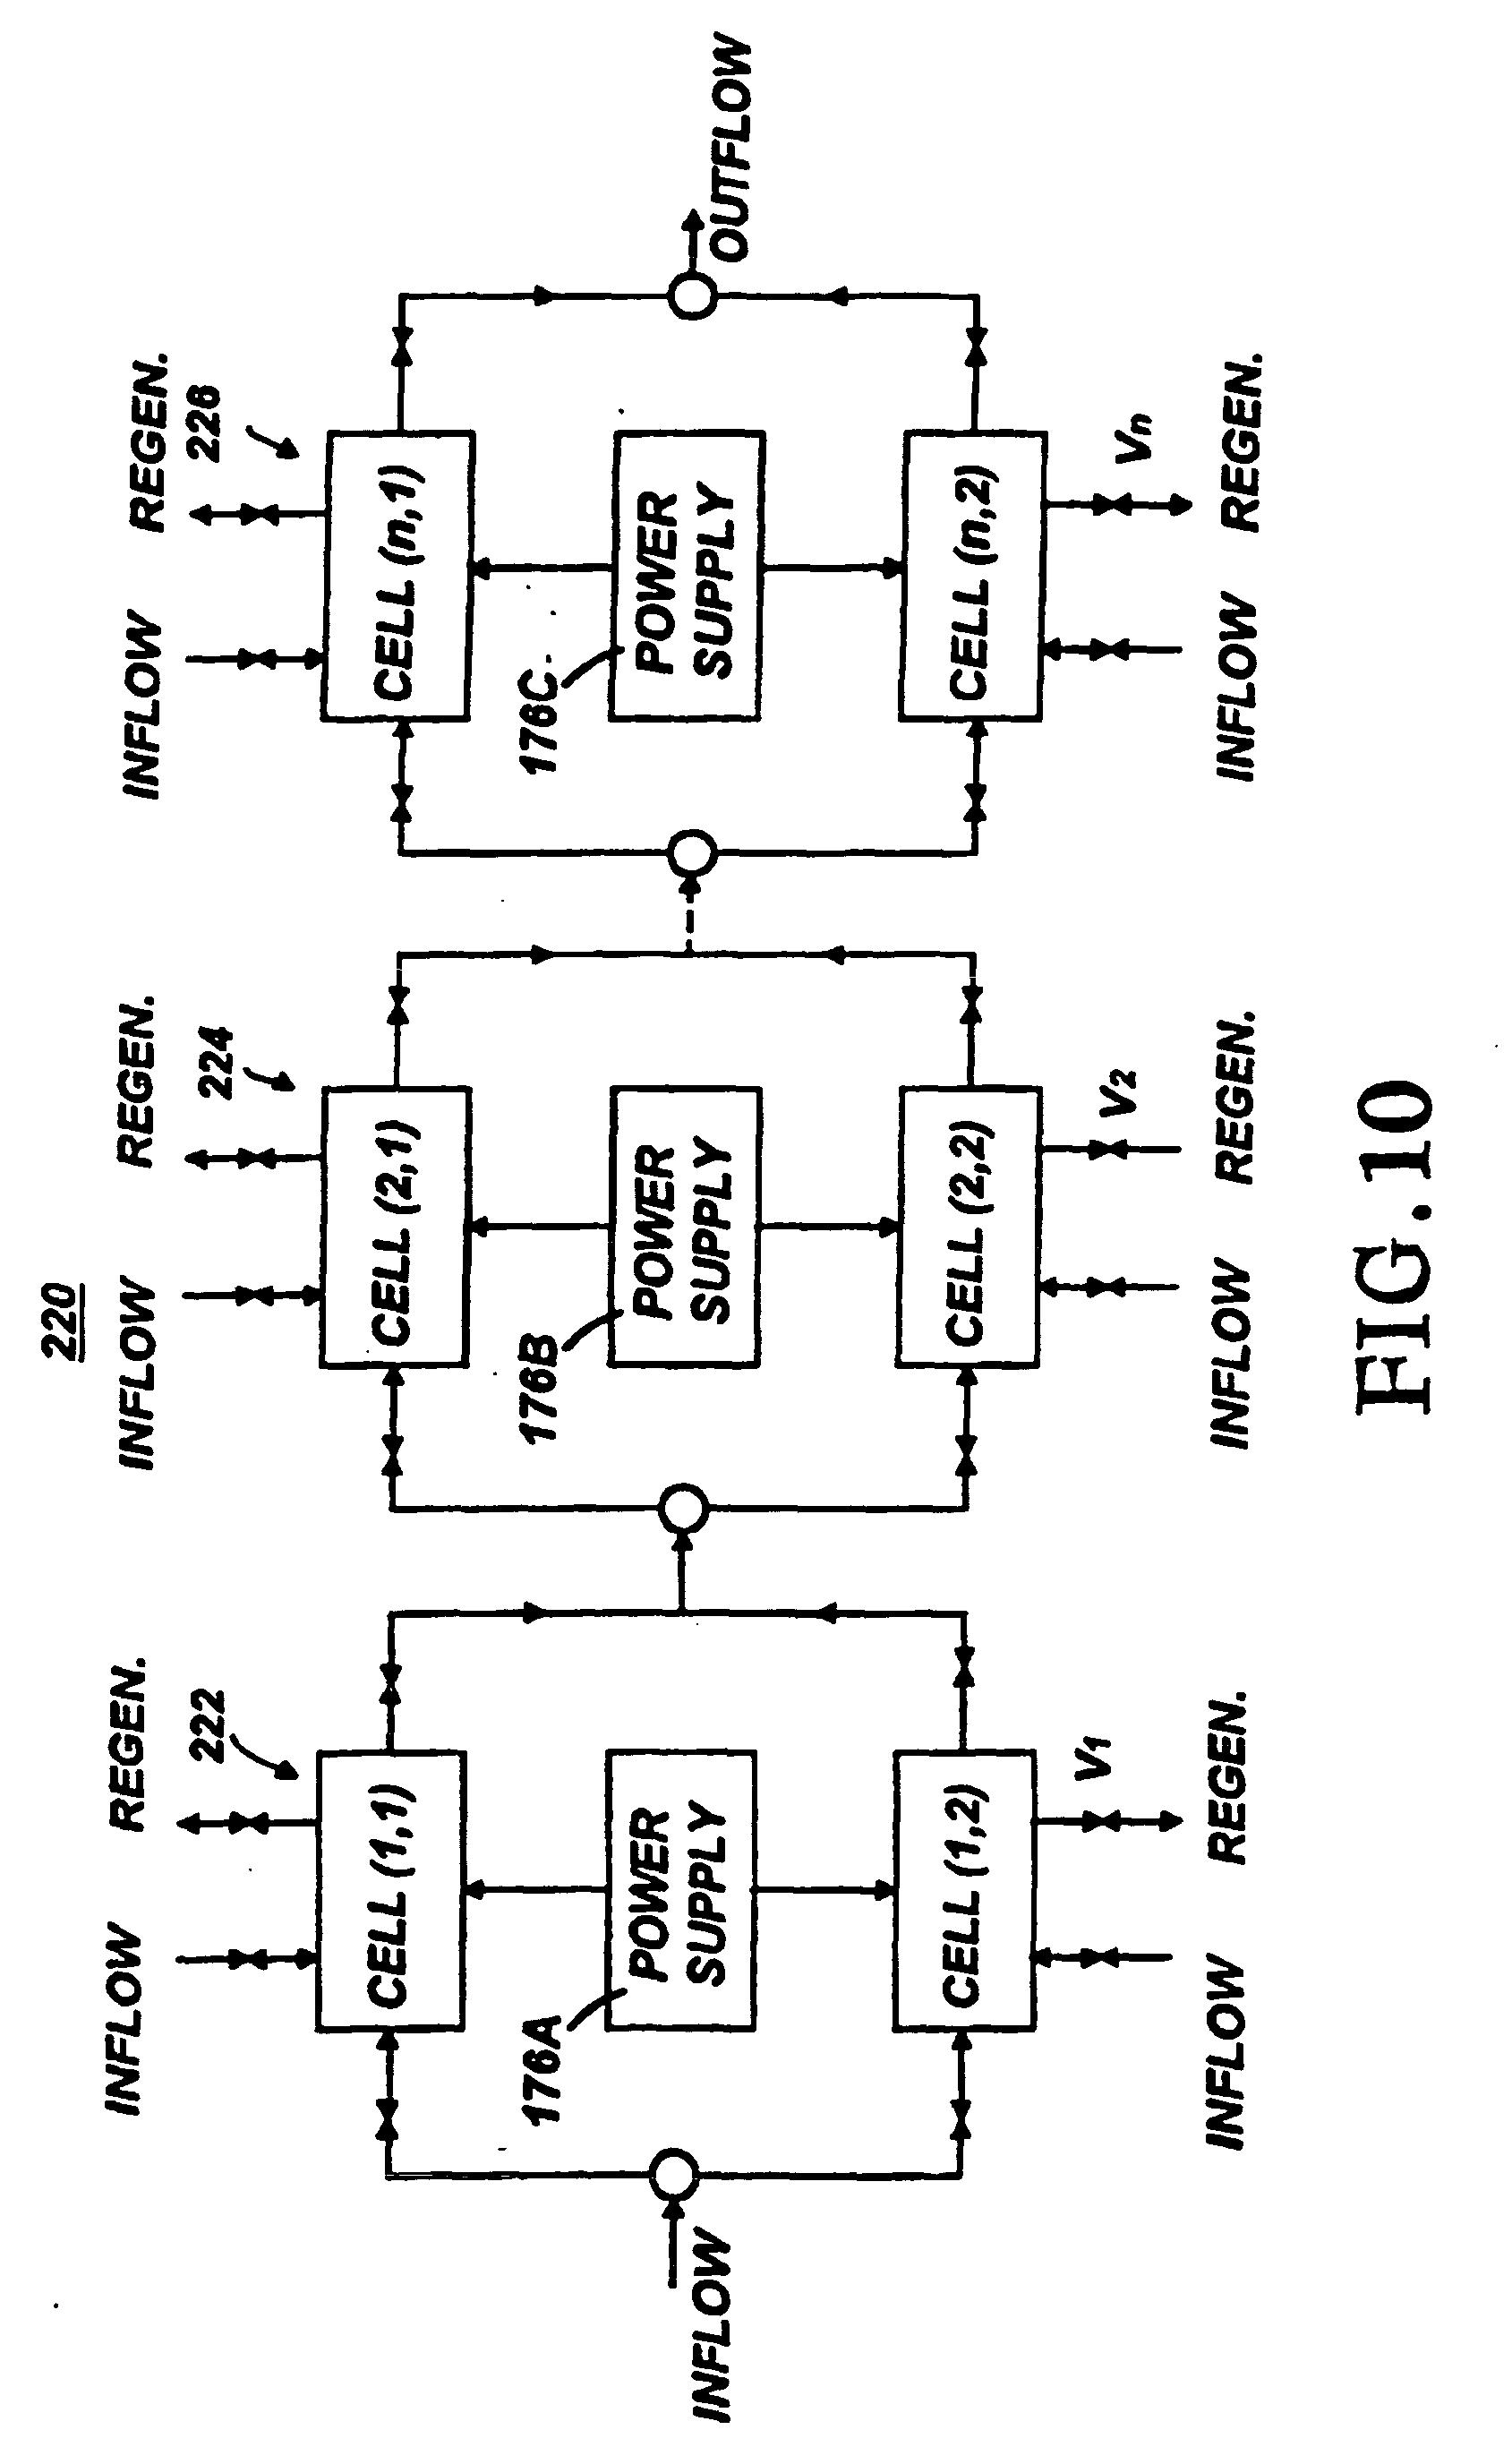 专利ep0760805b1 - method